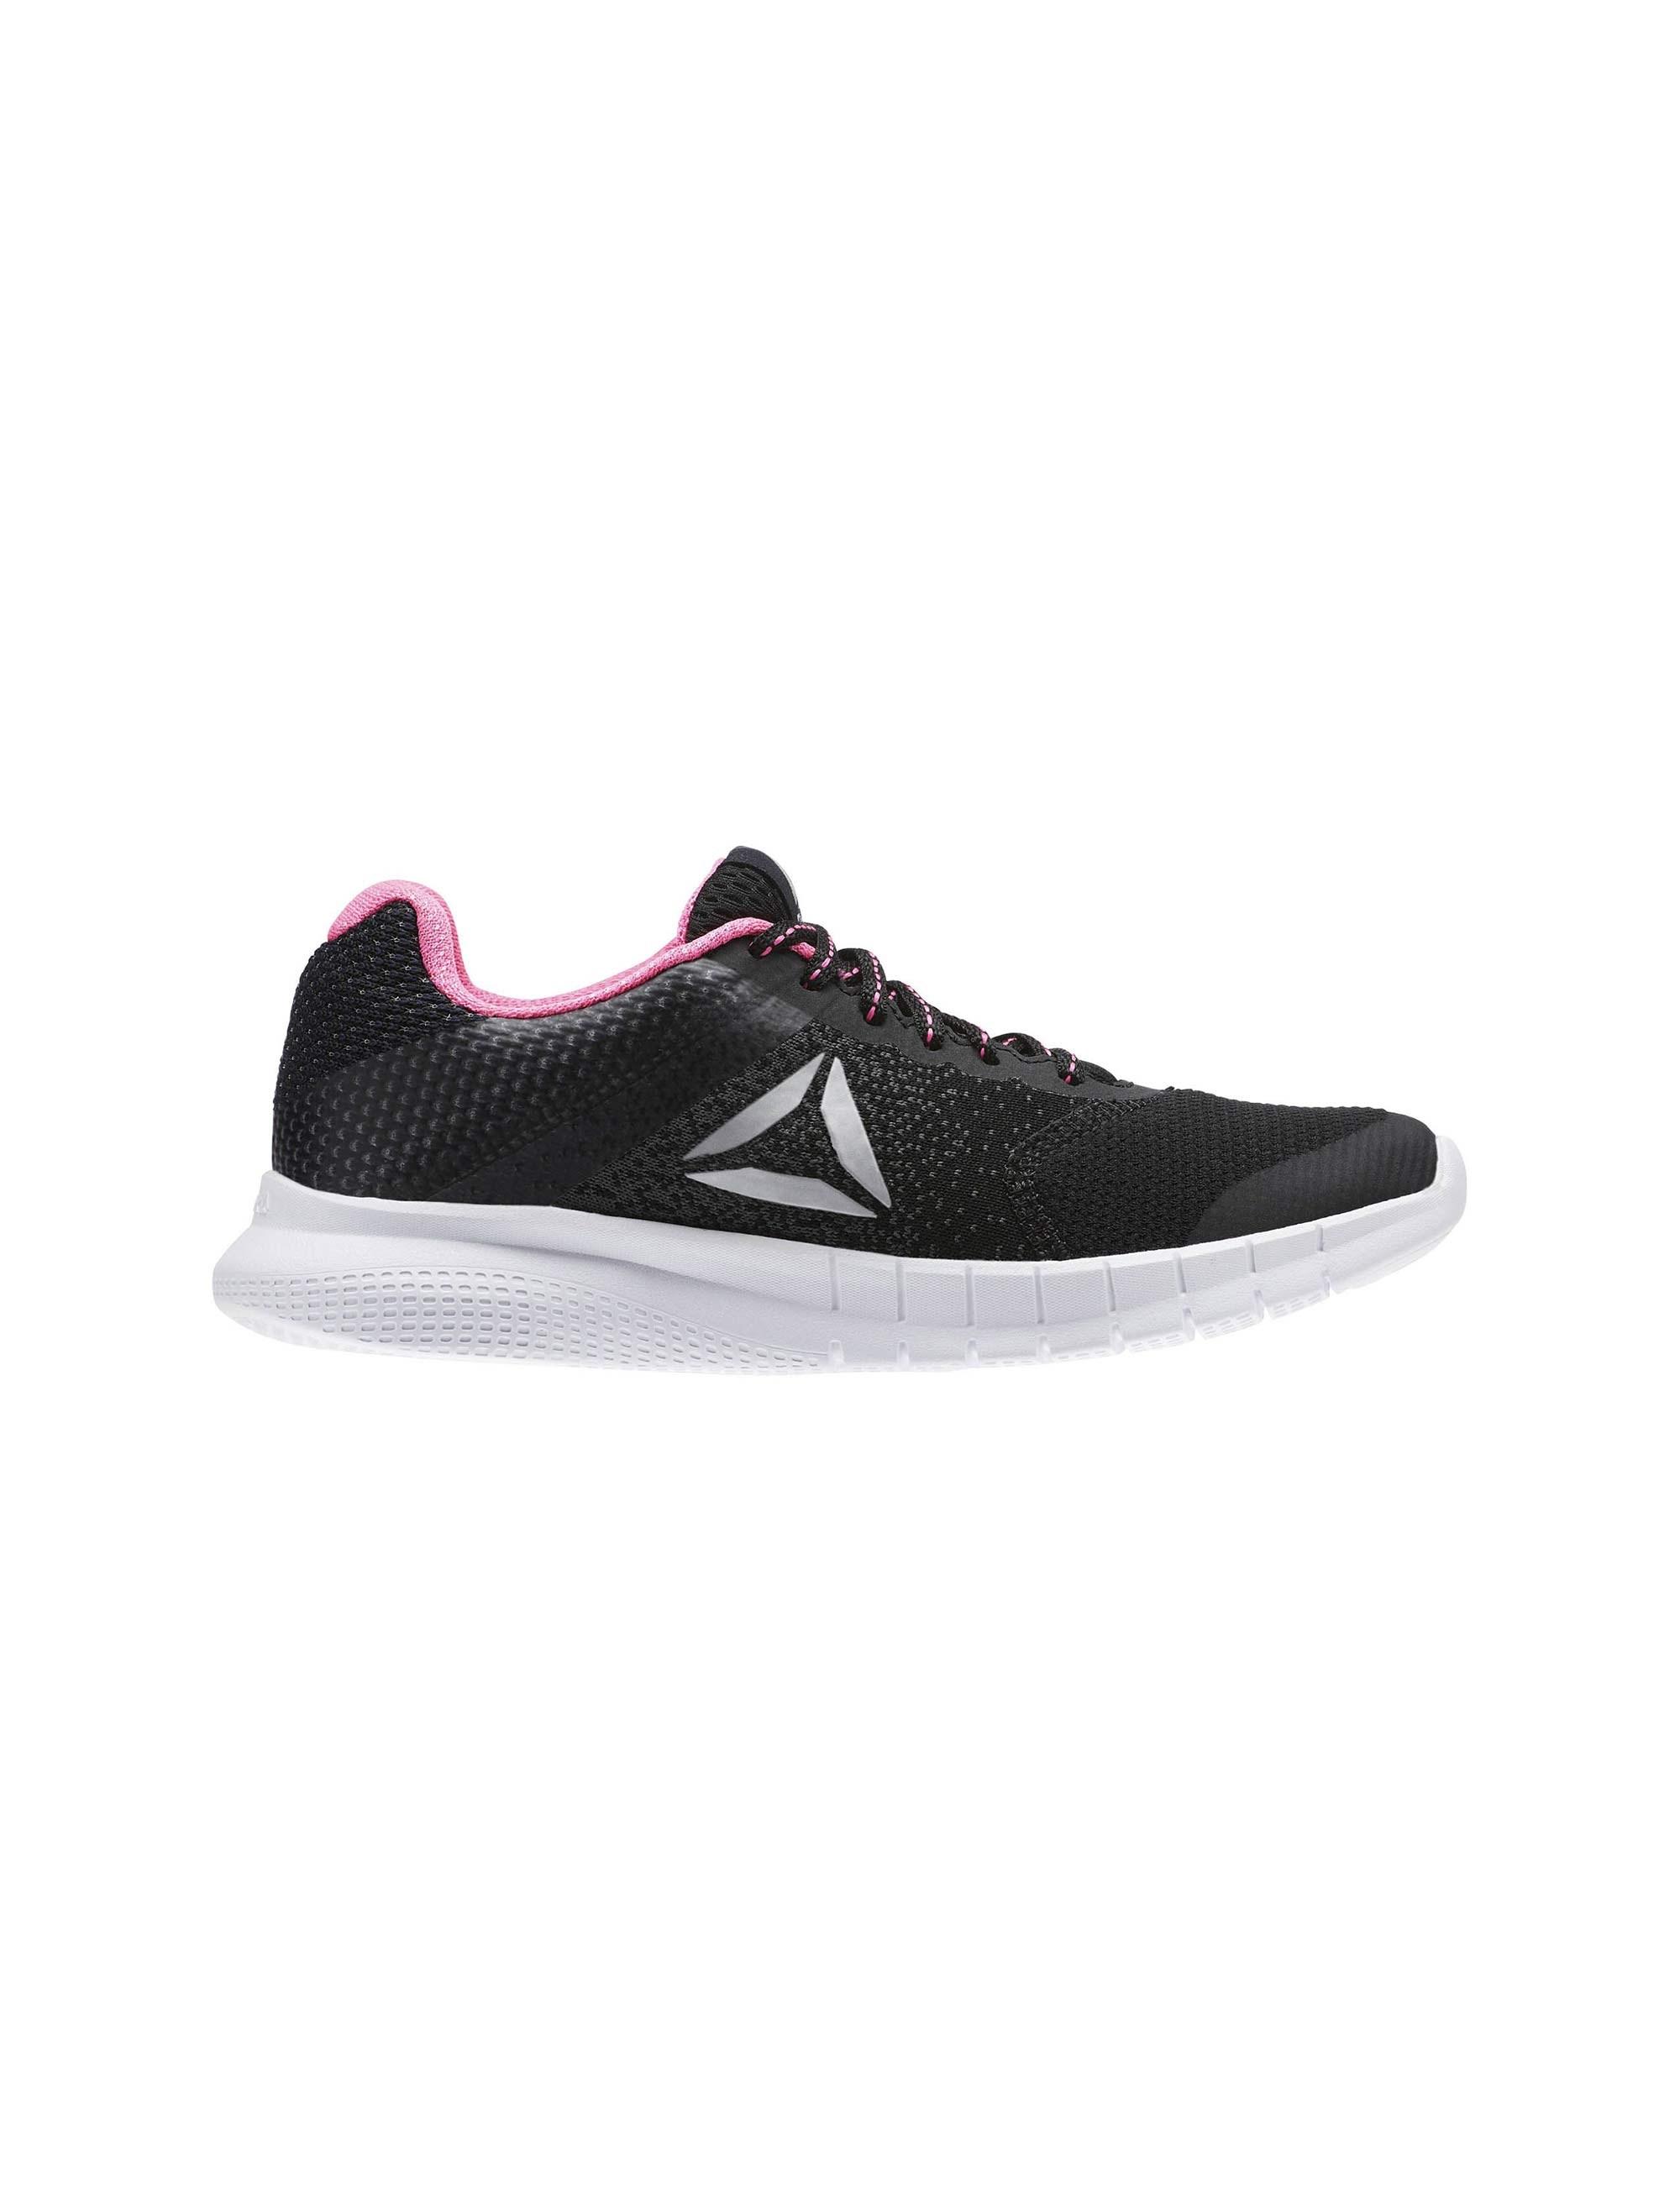 کفش دویدن بندی زنانه Instalite Run - ریباک - مشکي - 1